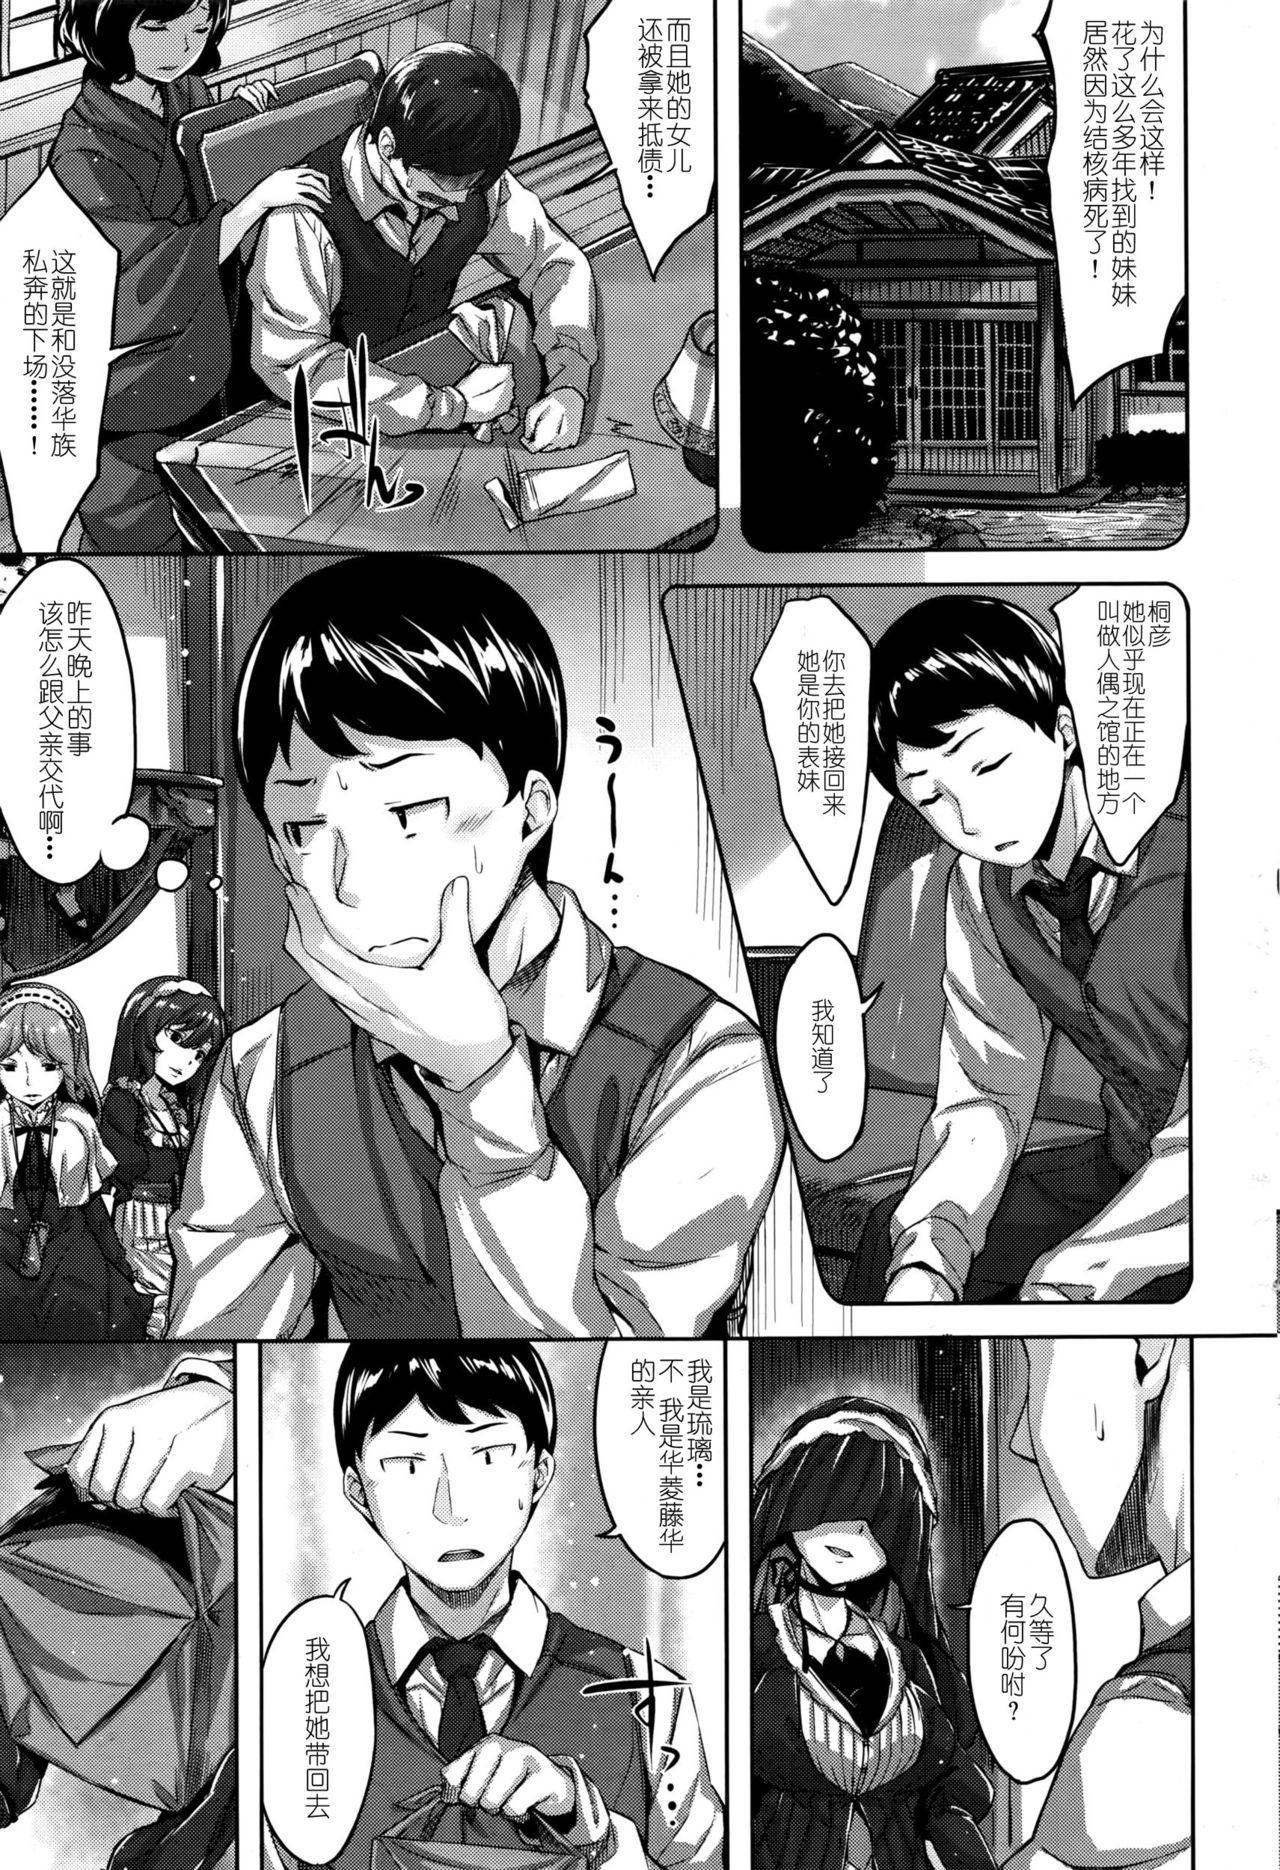 Ningyou no Yakata 16